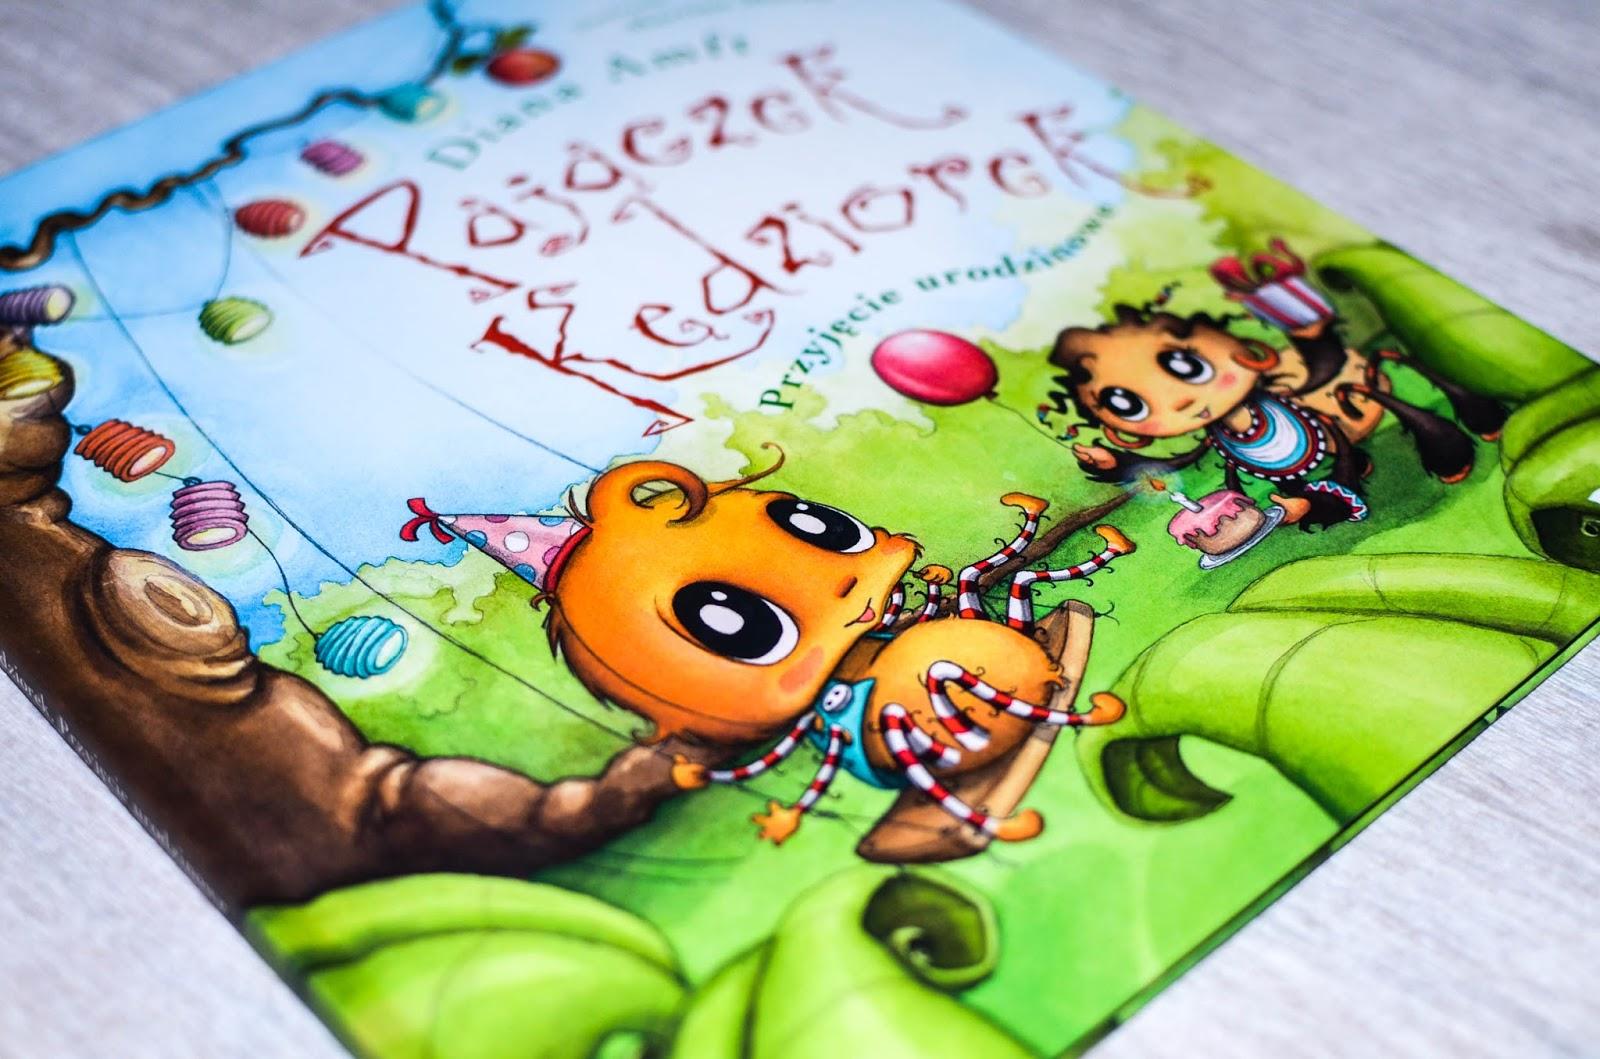 książki dla przedszkolaka, Debit, patronat, Pajączek Kędziorek